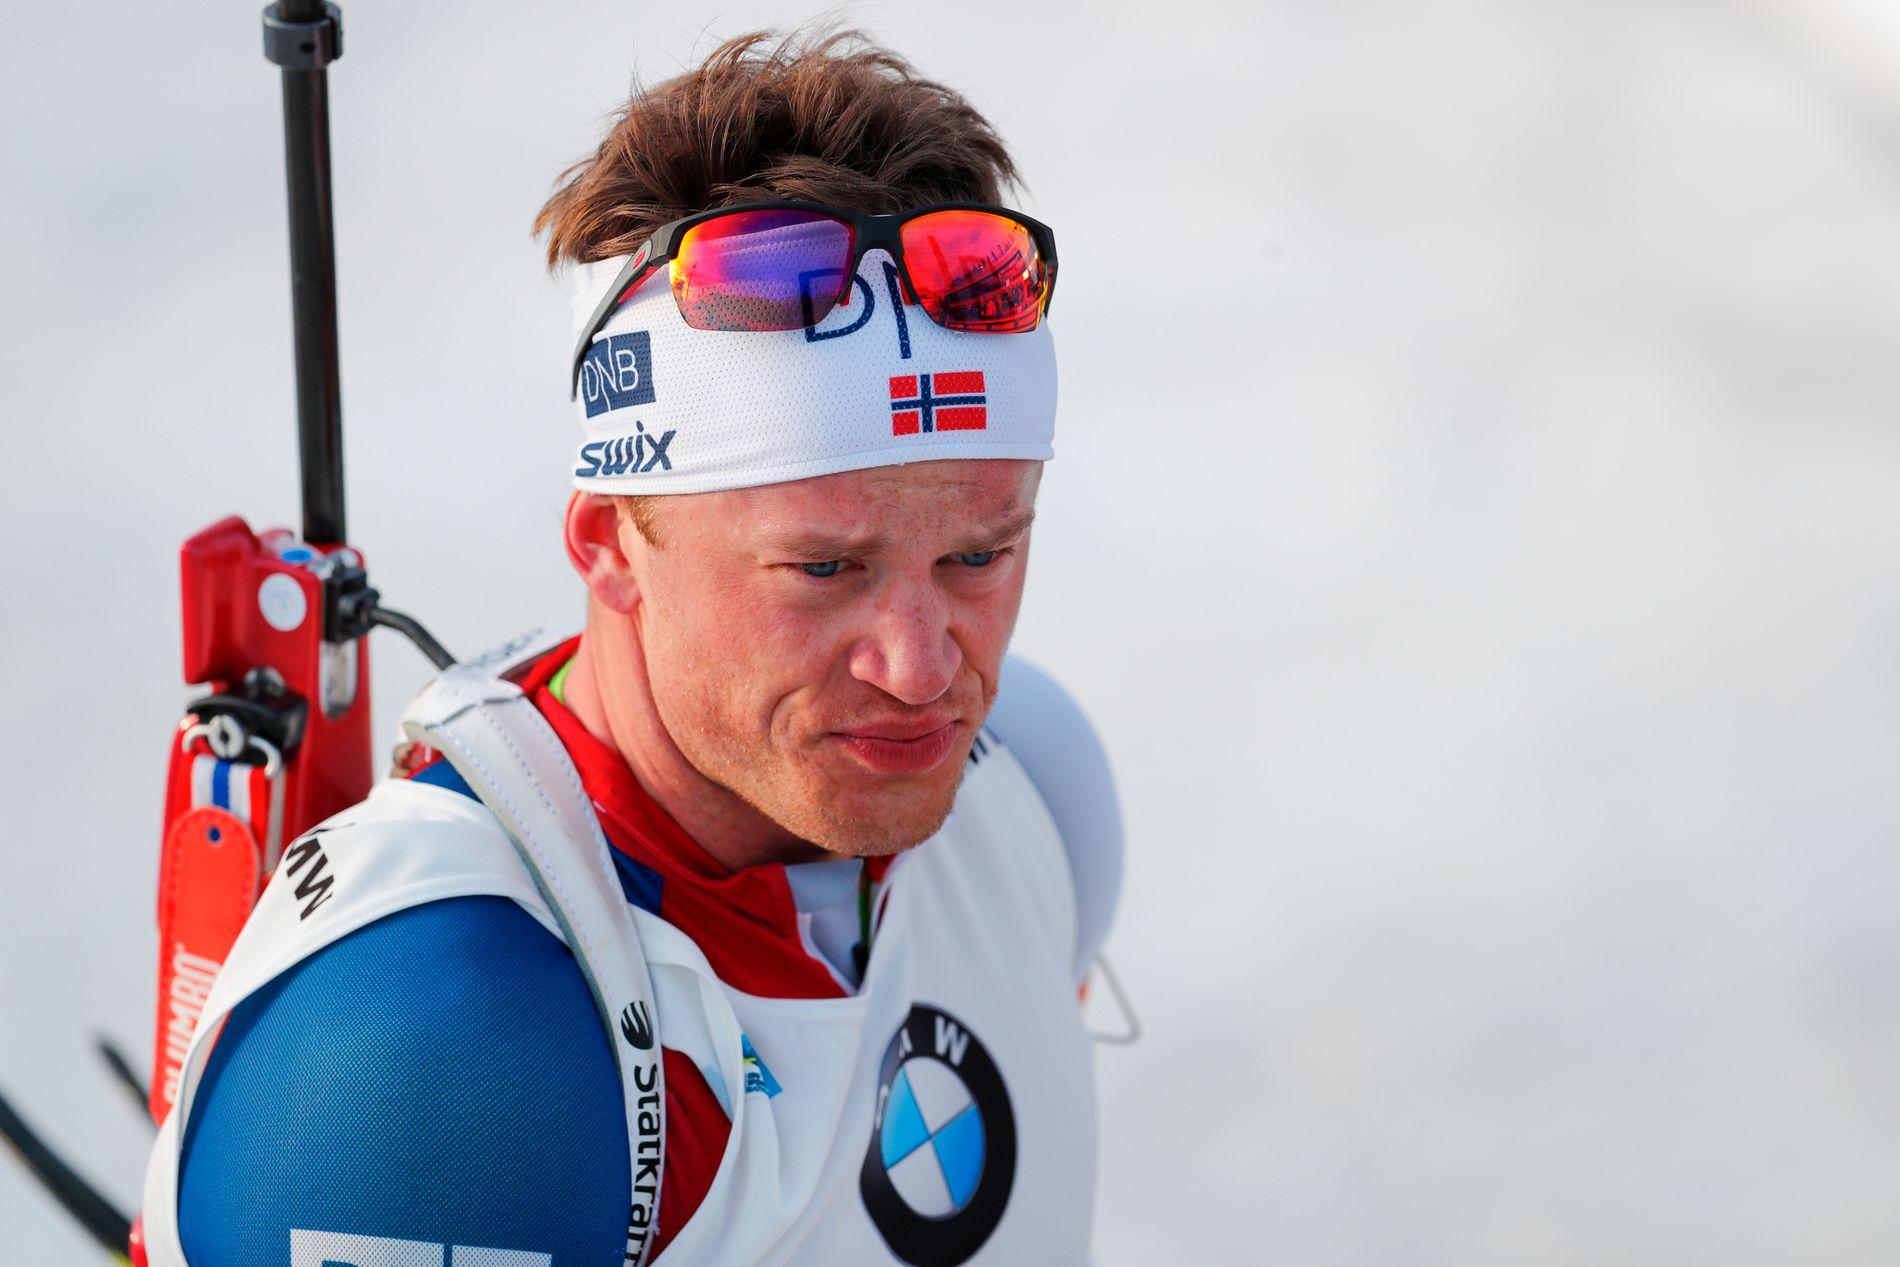 ALDRI IGJEN: Tarjei Bø er fast bestemt på aldri å gjenoppleve et så dårlig mesterskap som Norge hadde i 2017-VM.